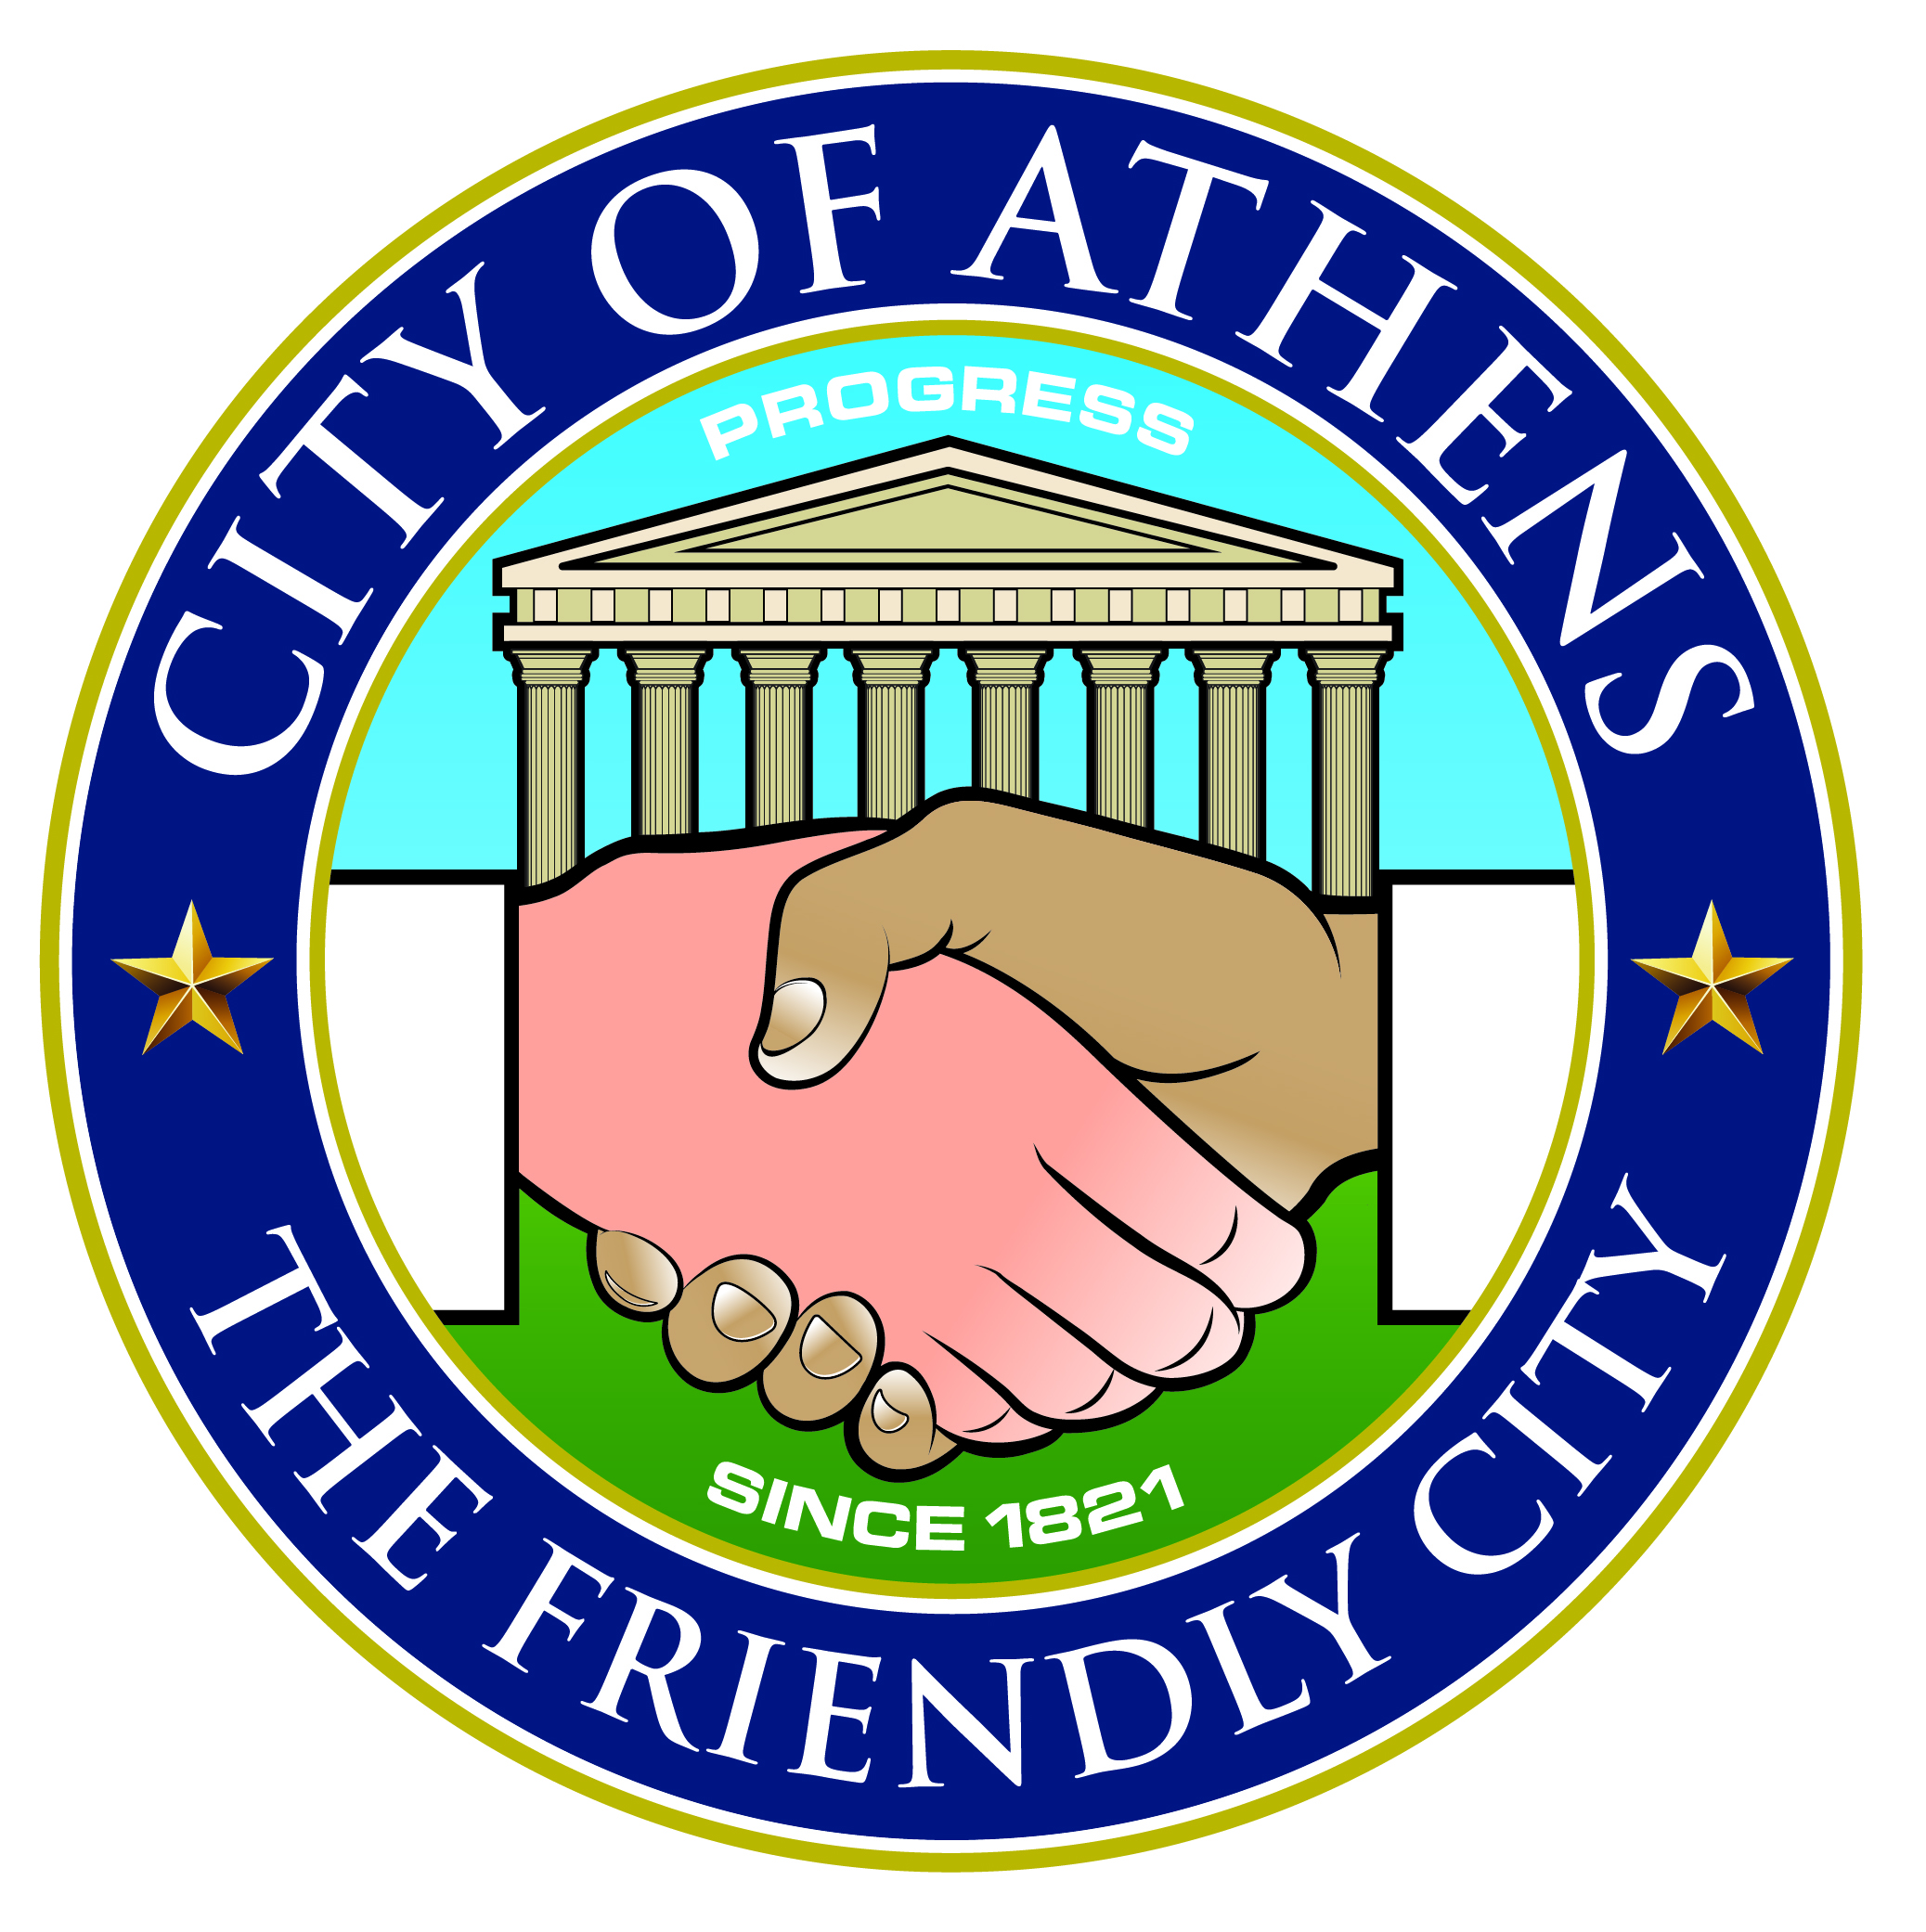 Friendly City Forward